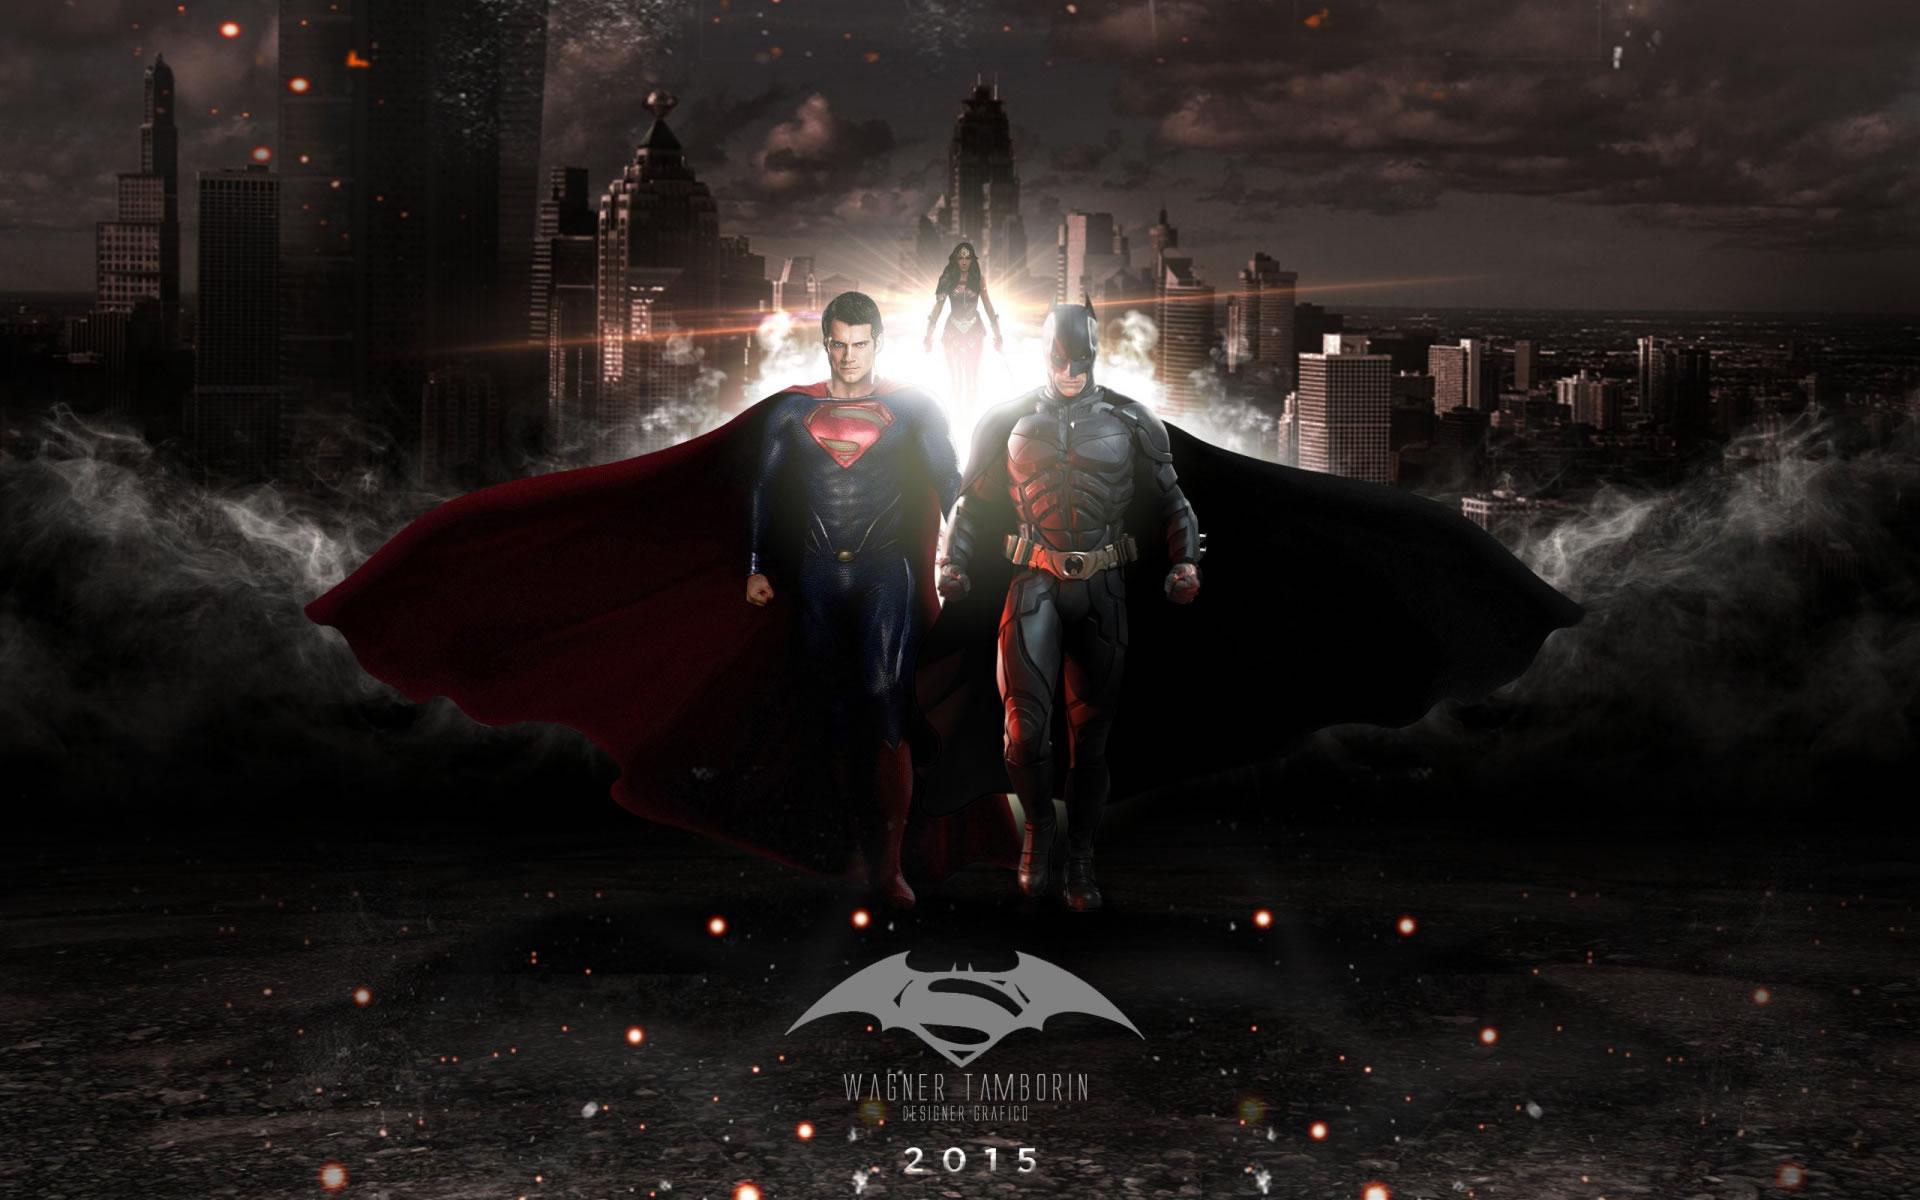 Wallpaper Batman Superman 2015